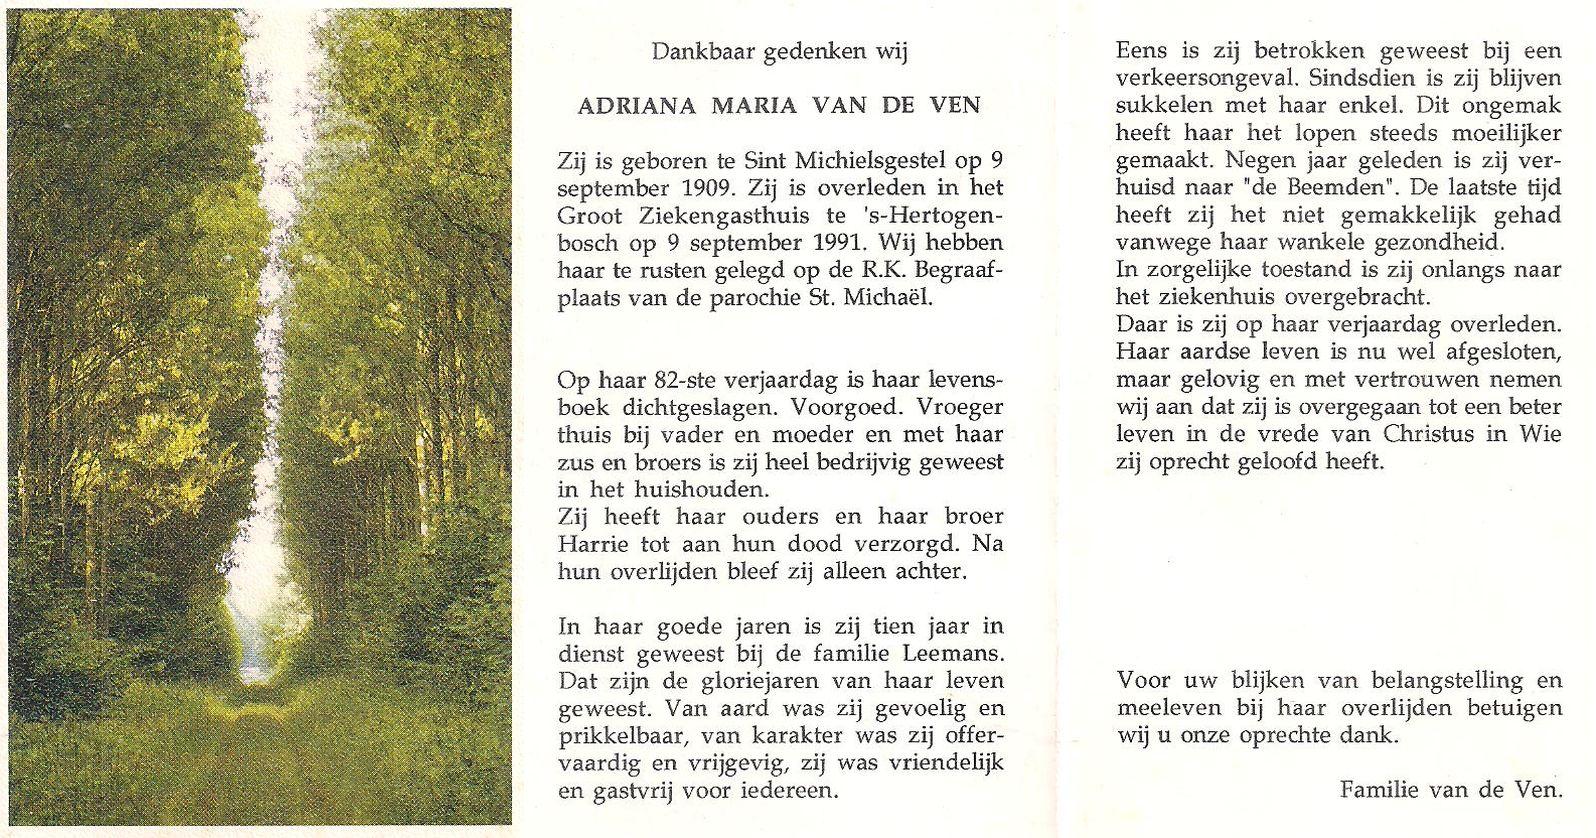 Ven_Adriana_M_van_de_sint-michielsgestel_1909_den_bosch_1991_.jpg